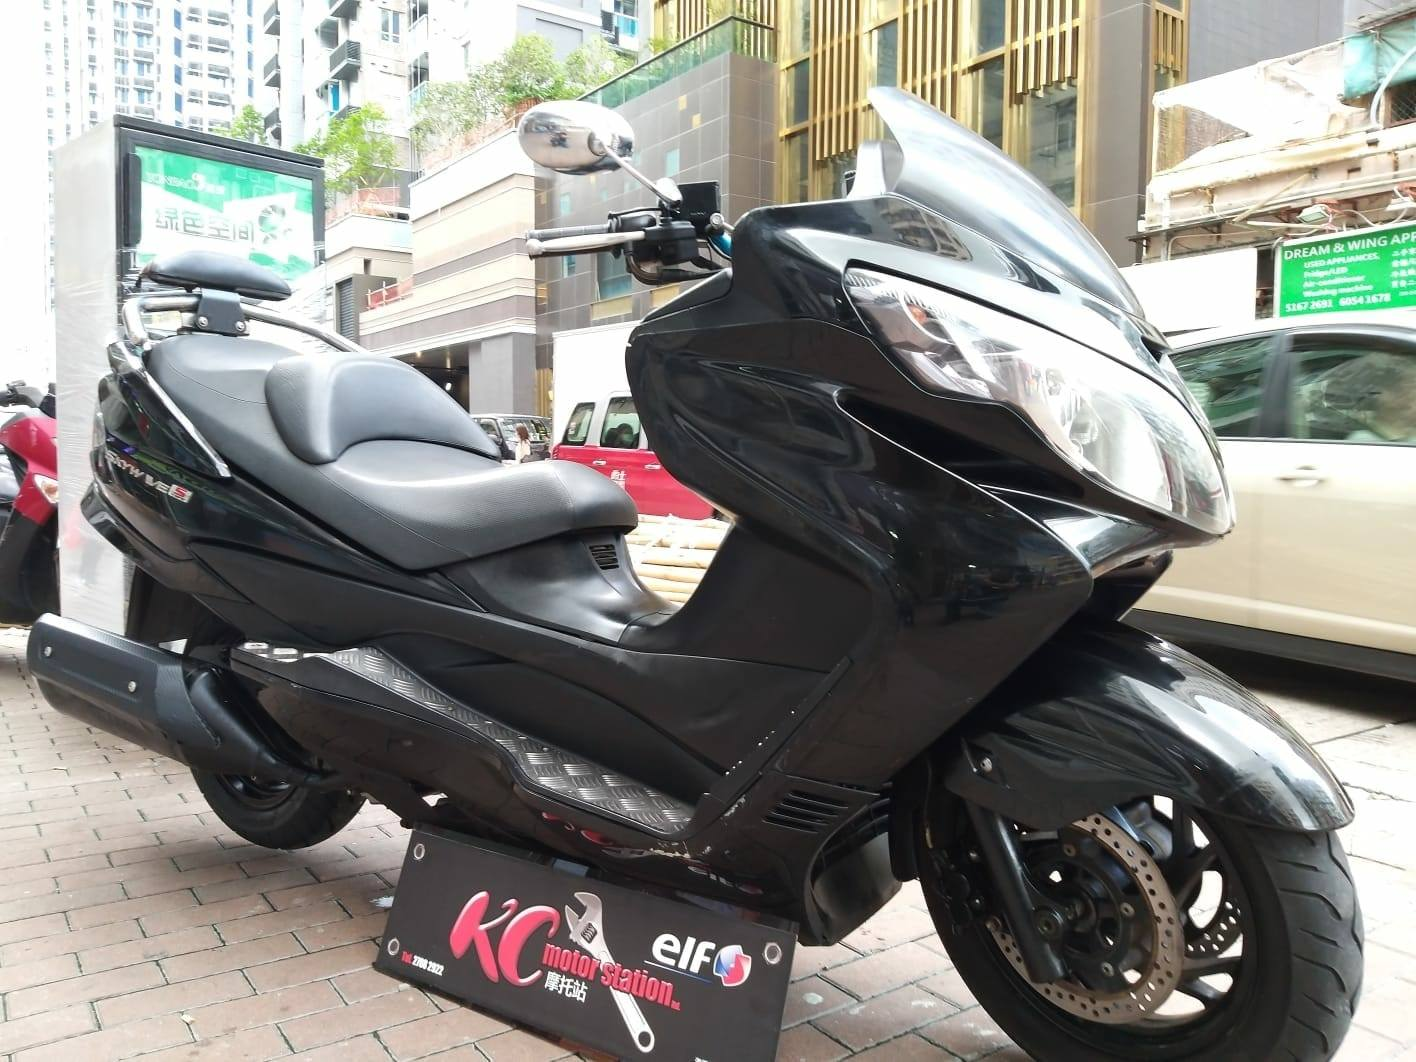 SUZUKI Burgman 400 (SKYWAVE400) 2008    -「Webike摩托車市」